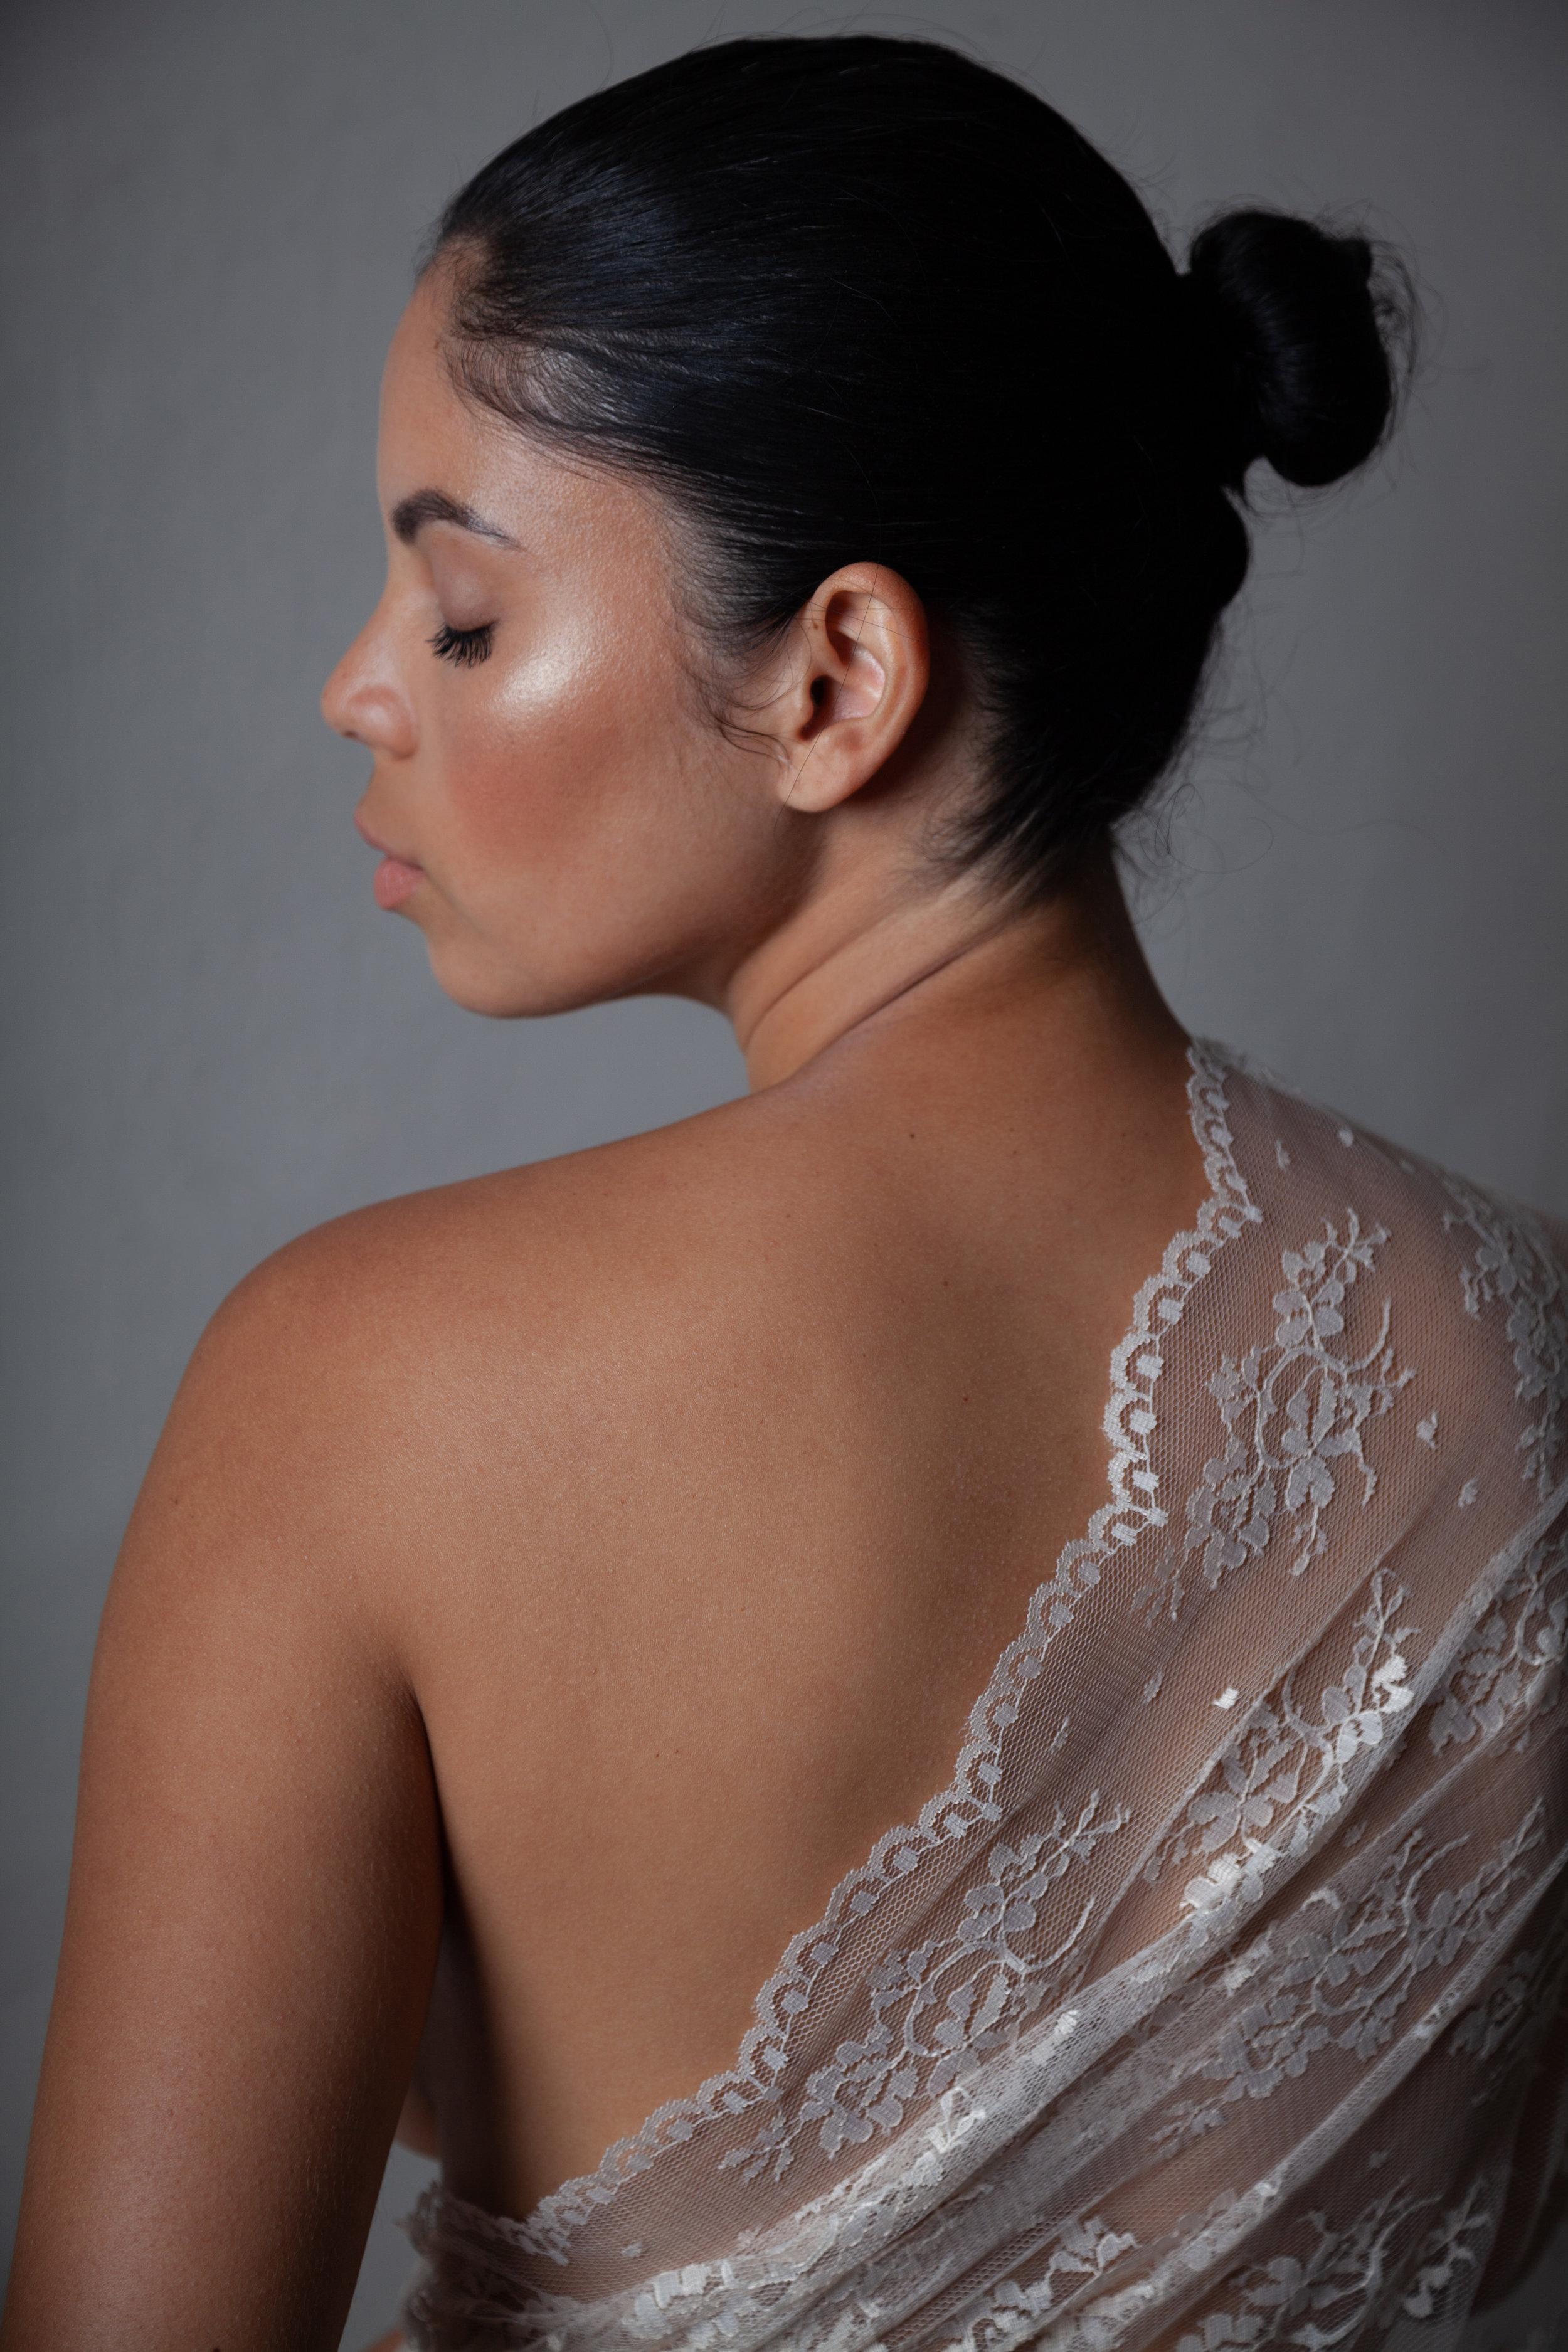 Beauty & Boudoir - $150 session feePre-consultationAccess to wardrobe and accessories60 min. in-studio session$95 per digital file